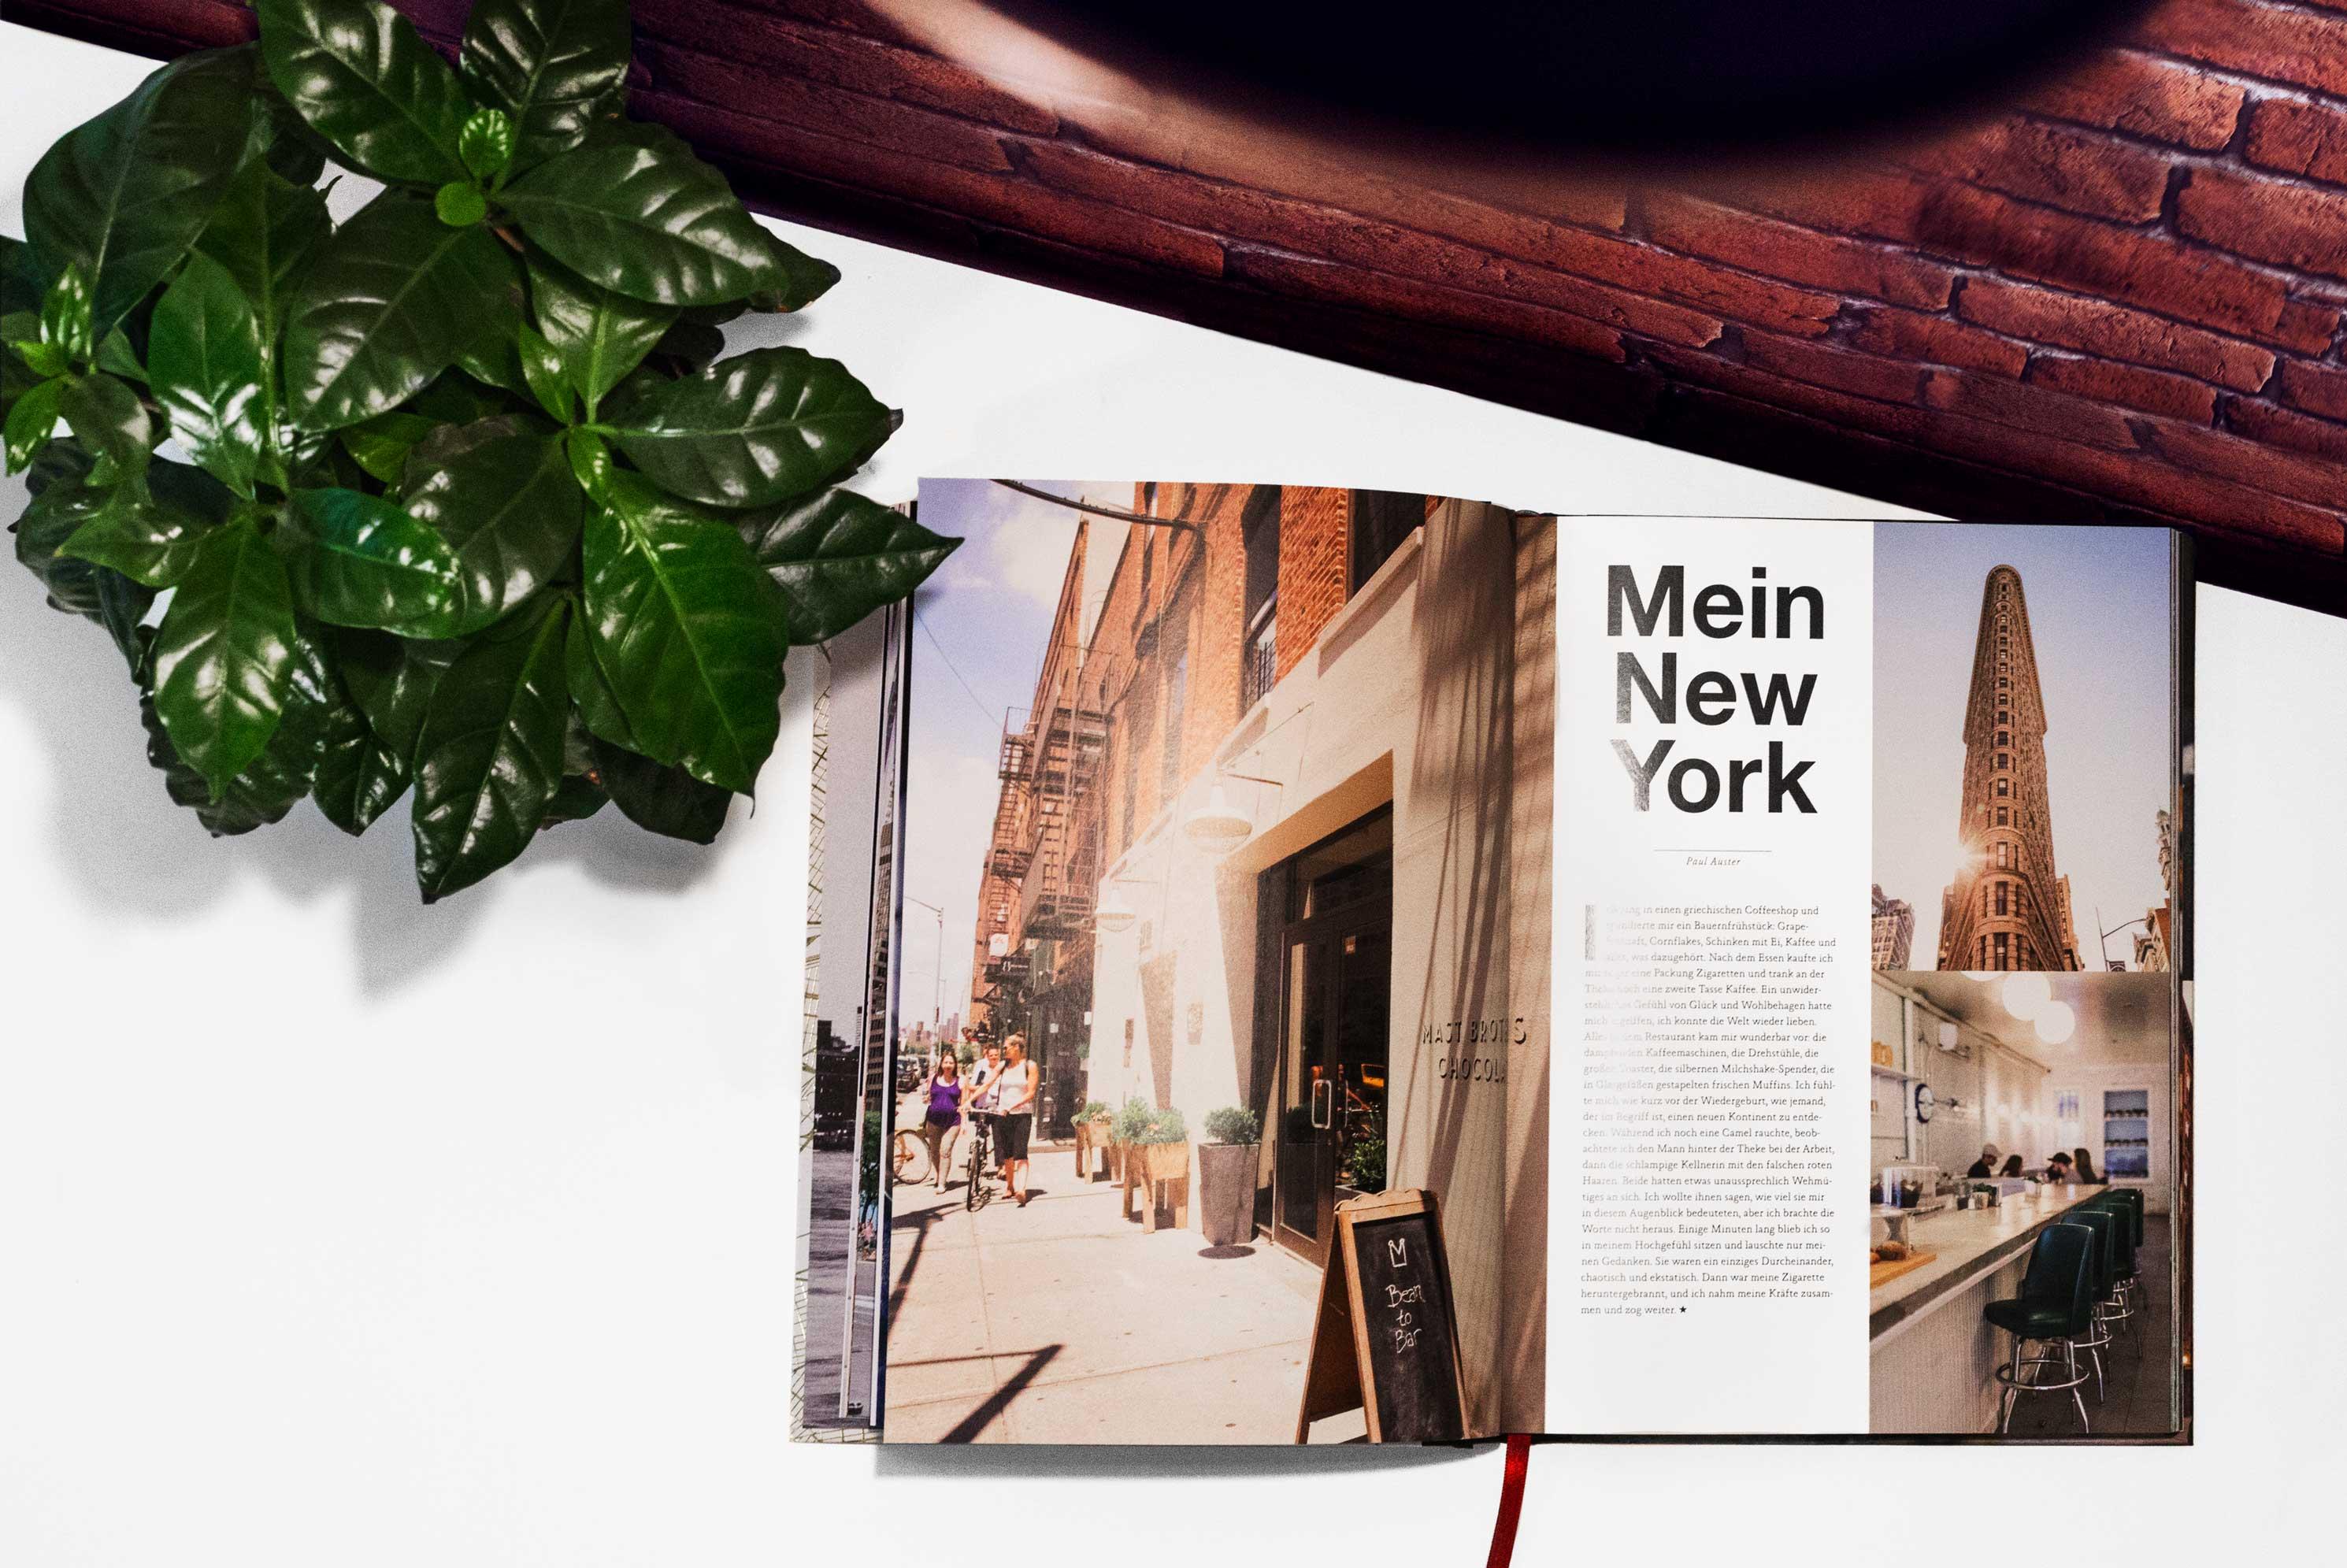 new-york-capital-of-food-schonhalbelf-lisa-nieschlag-lars-wentrup-kochbuch-rezepte-geschichten-lifestyle-holiday-urlaub